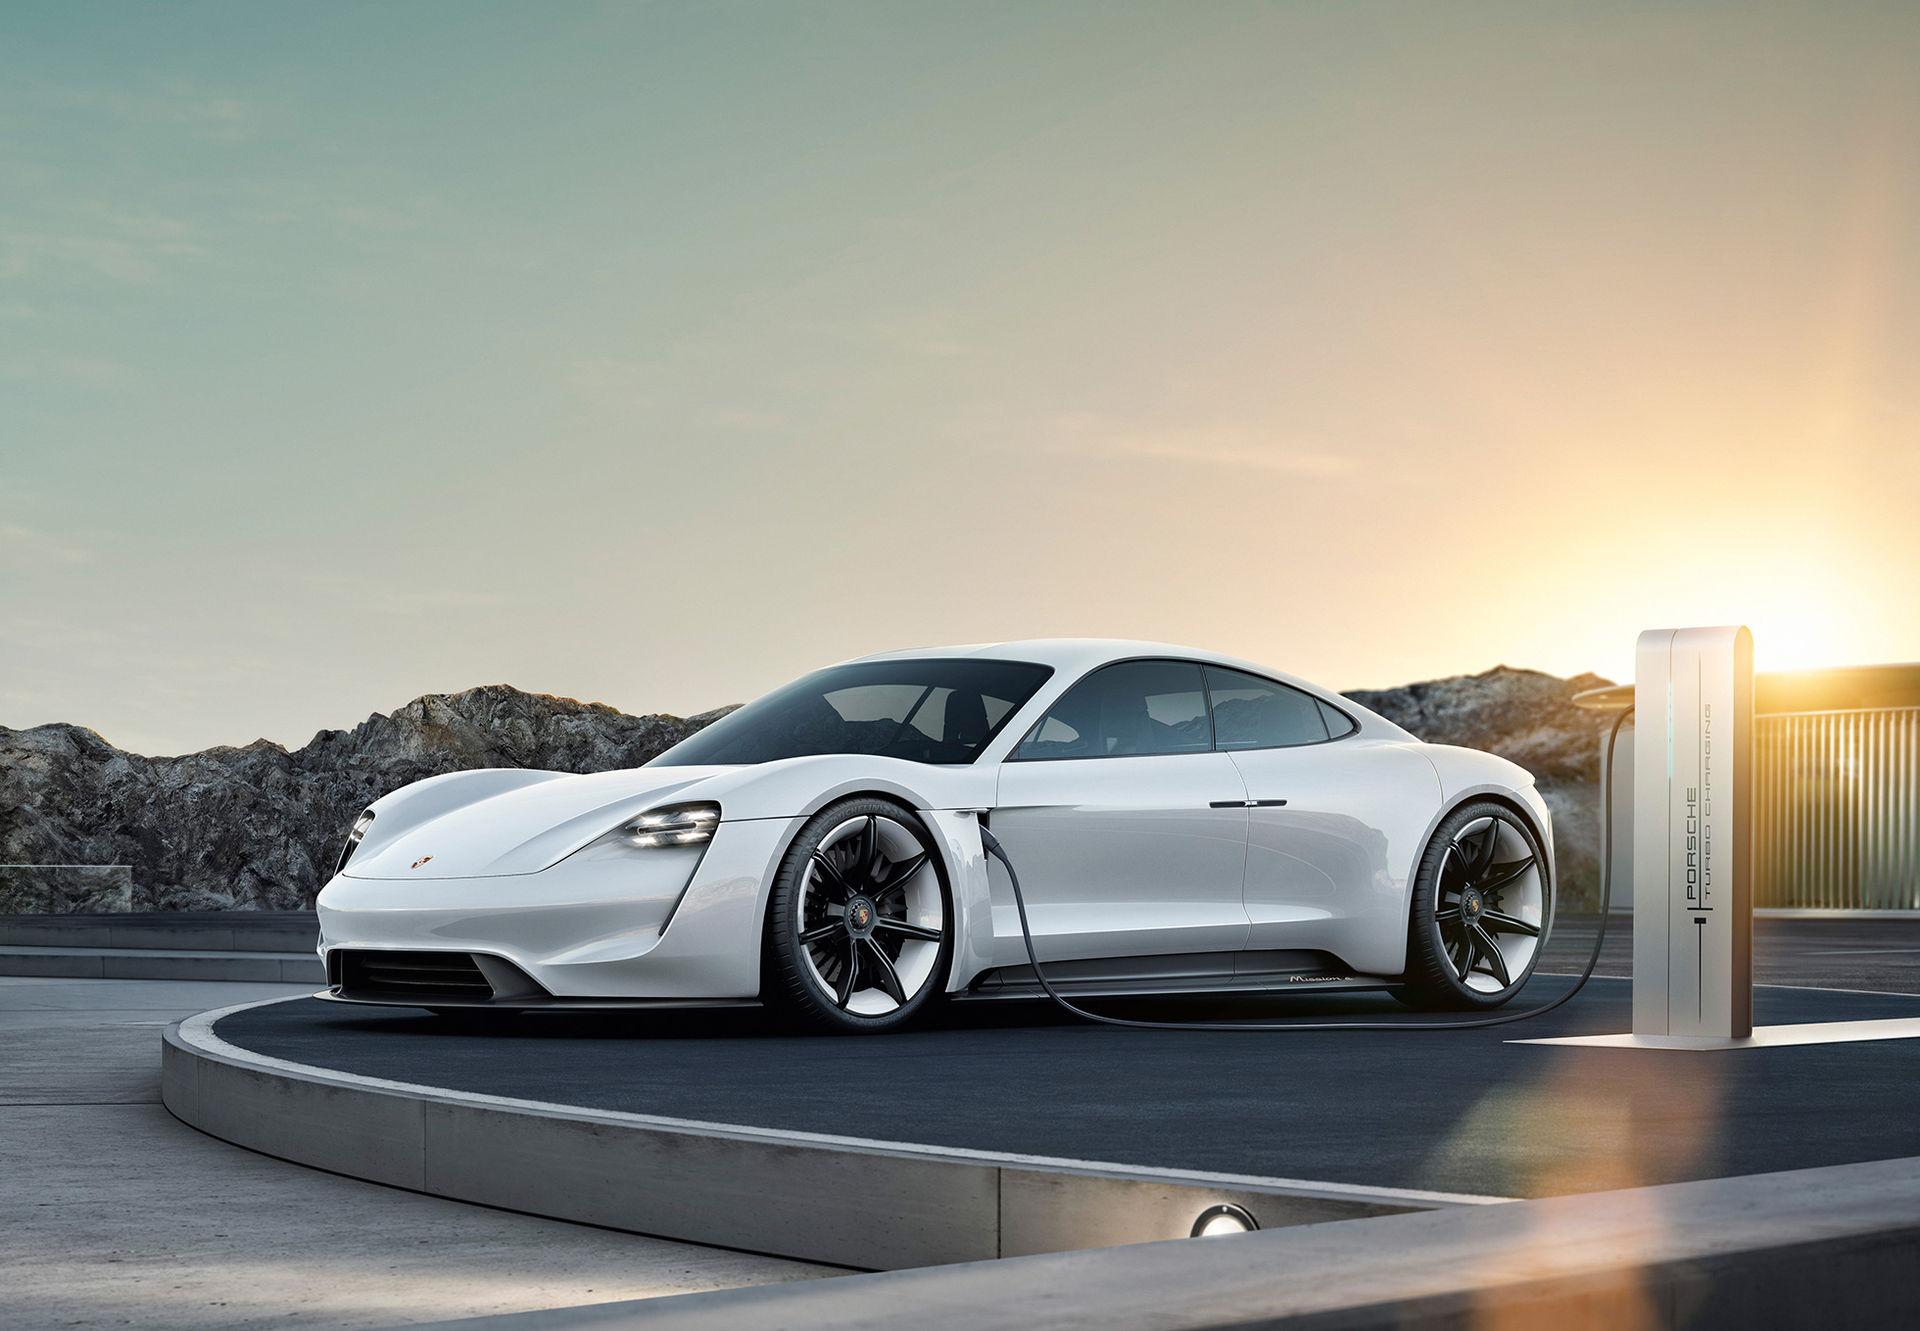 Porsche Taycan-köpare i USA får gratis laddning i tre år